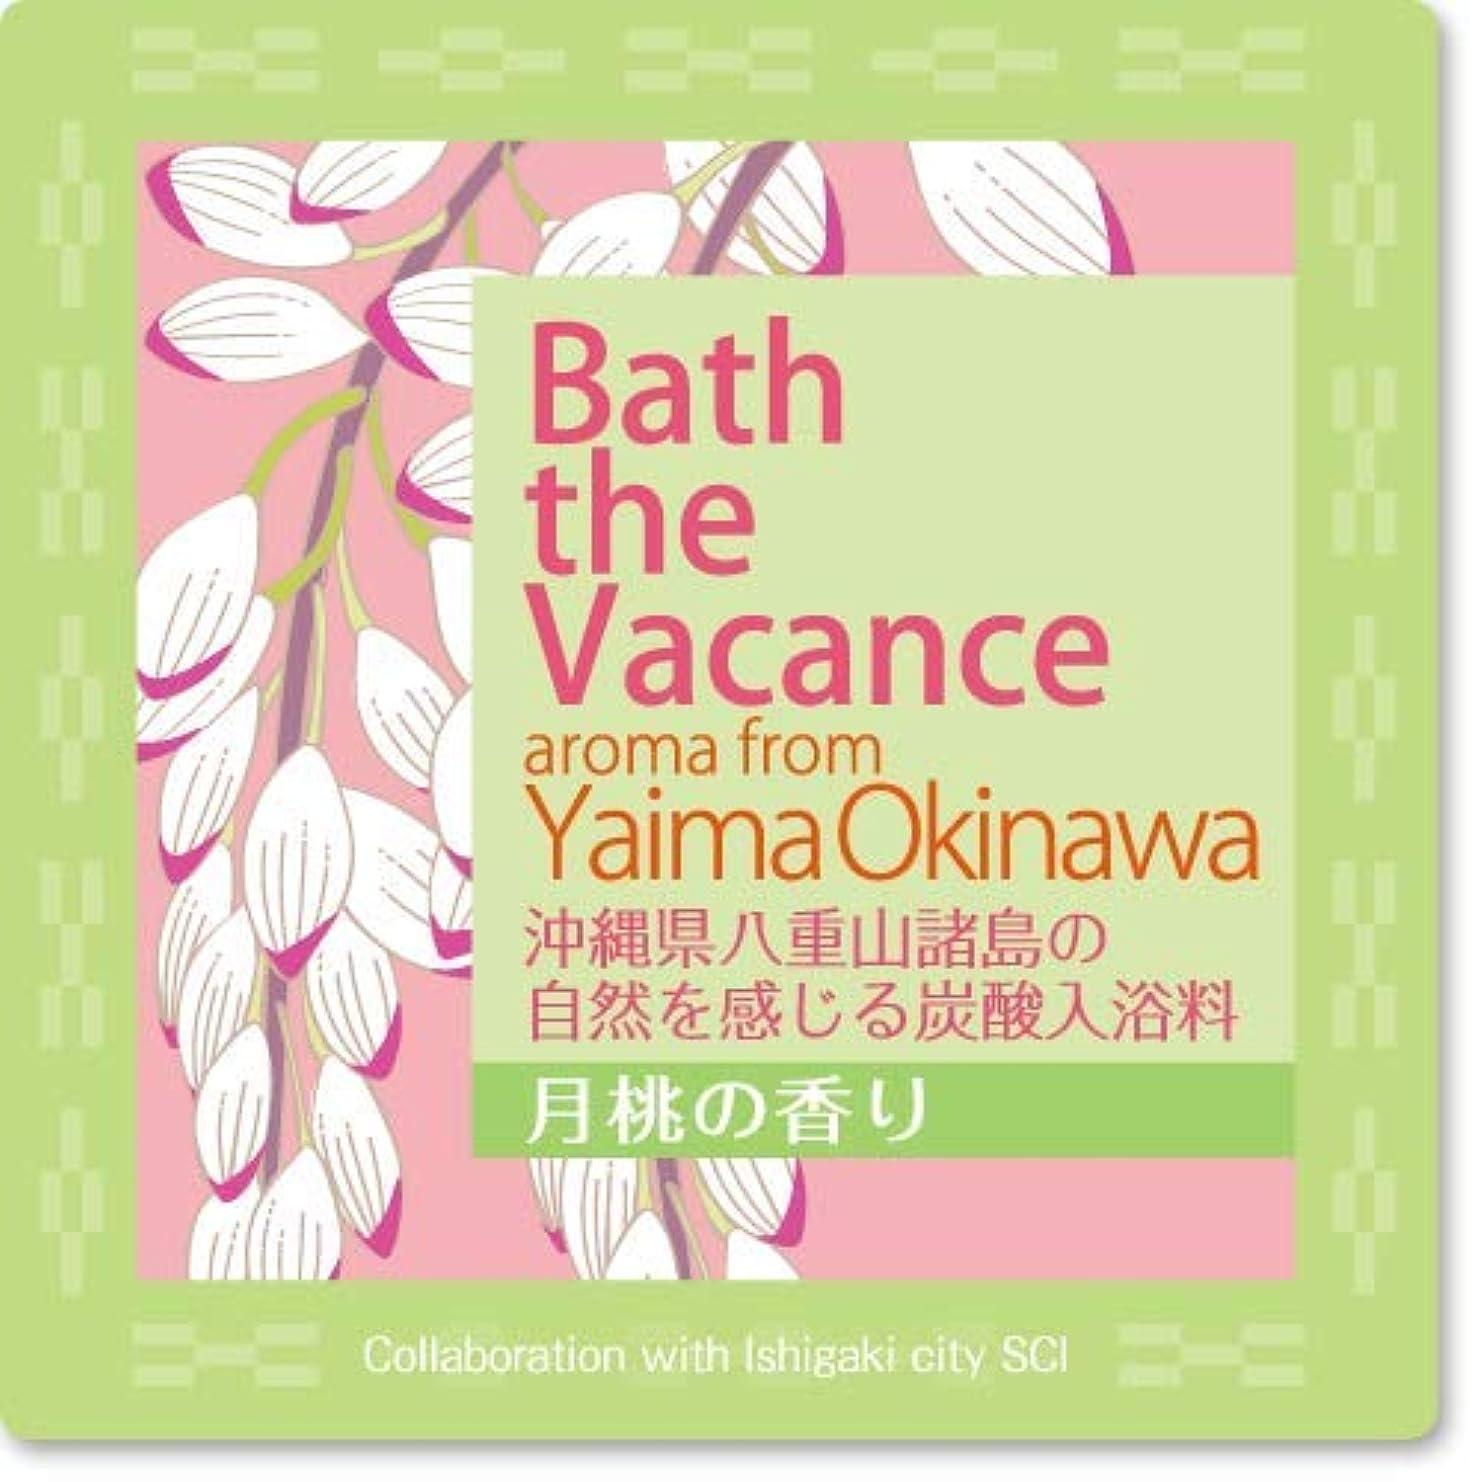 八合併入学する月桃の香り 3袋セット